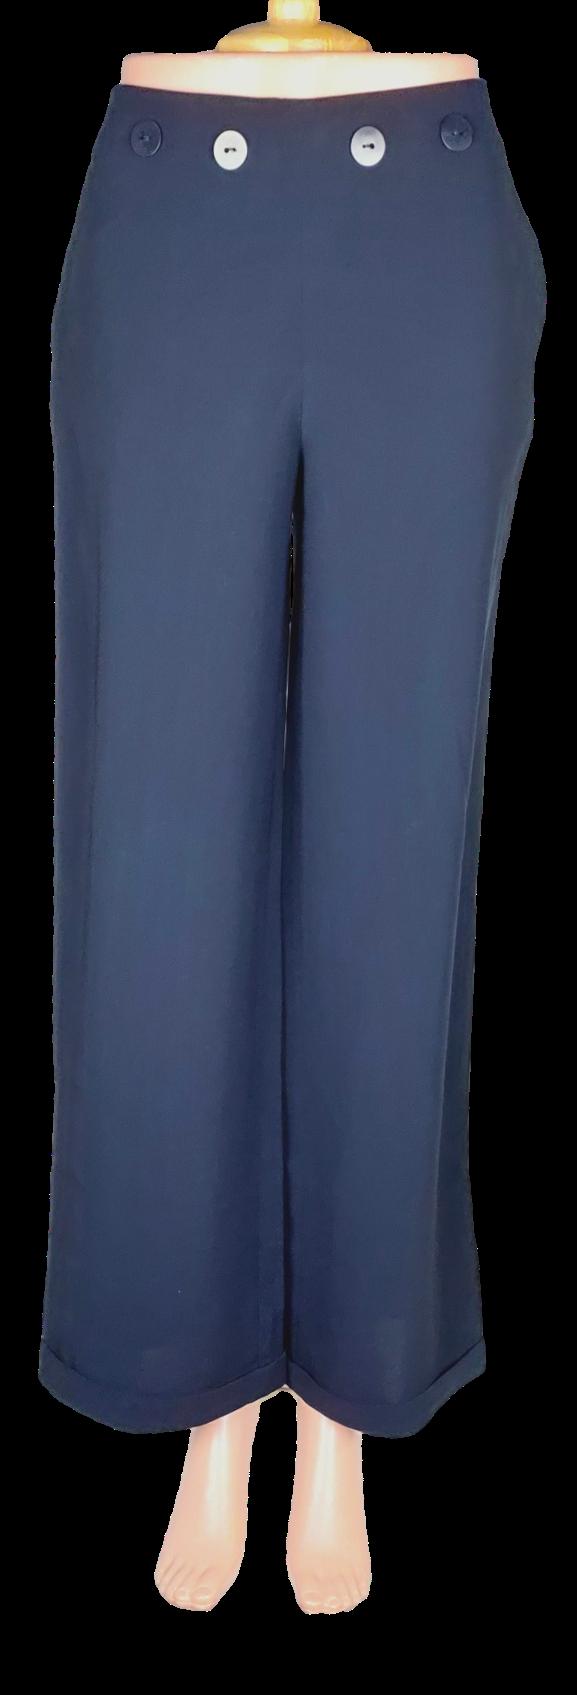 Pantalon 1 2 3 -Taille 38